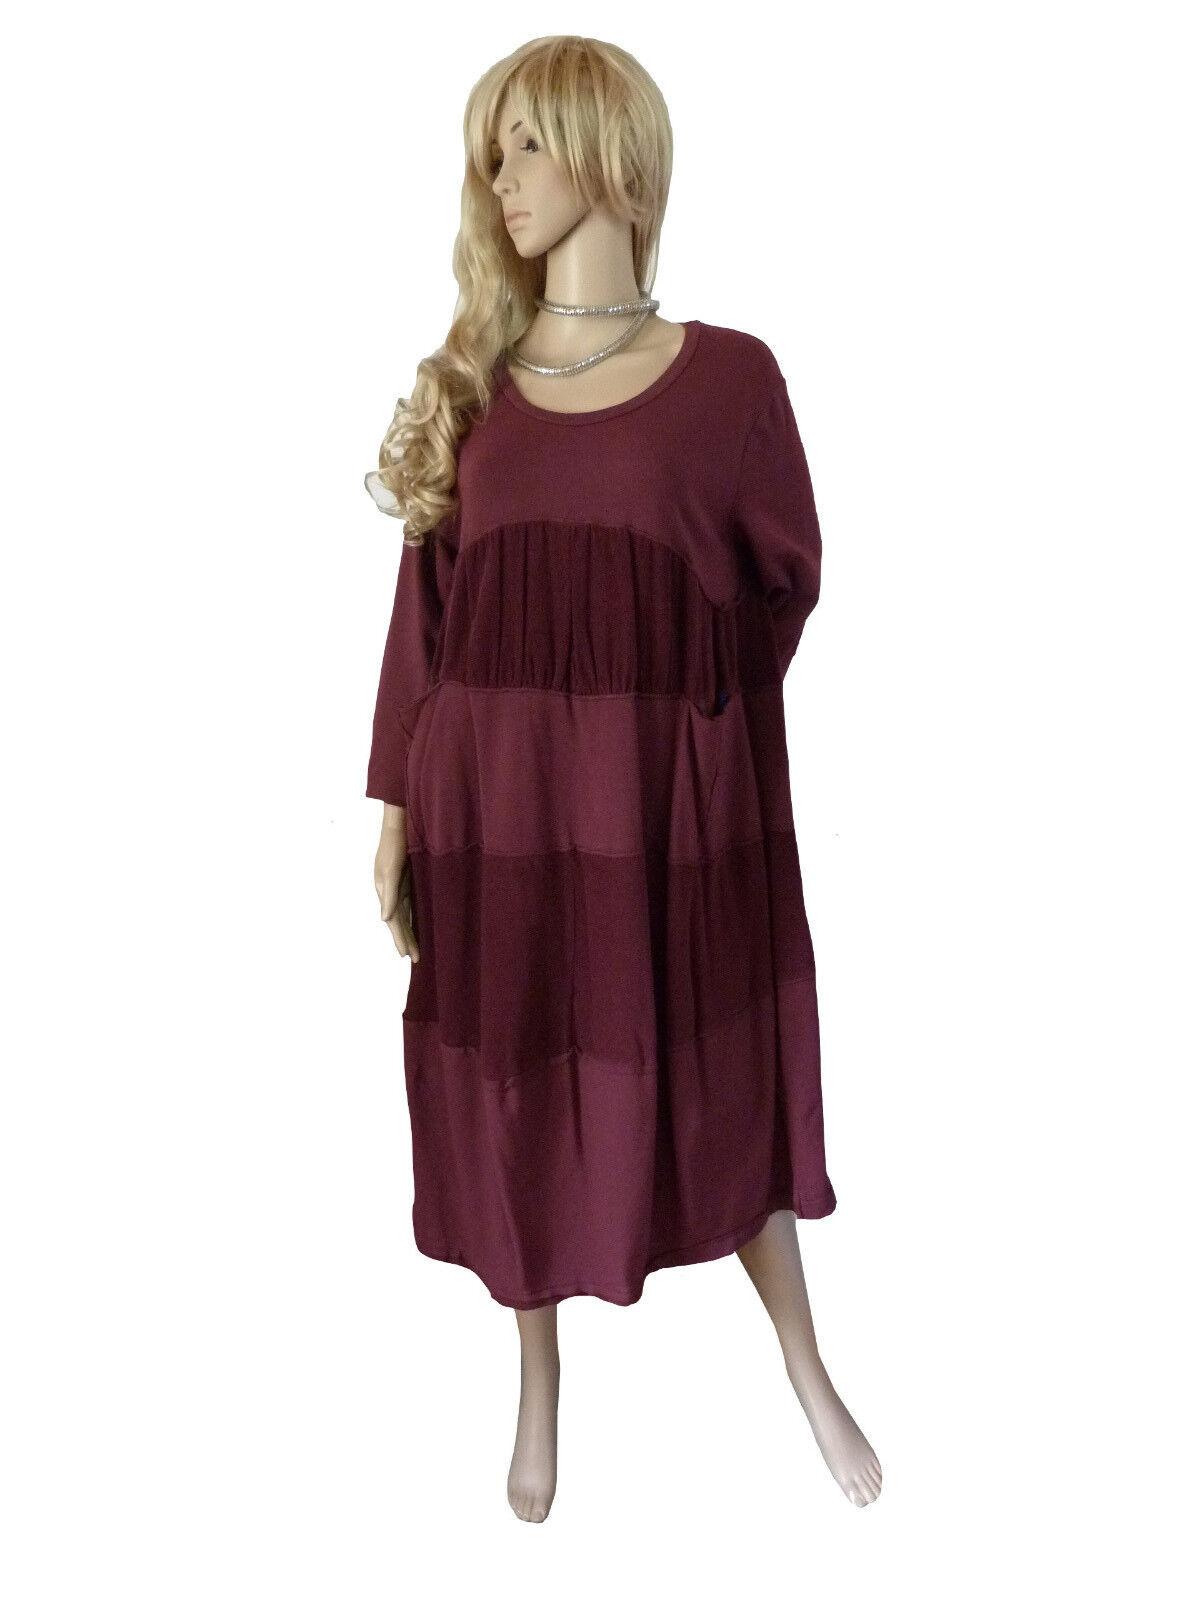 EG 46 48 50  gemütliches Kleid Baumwollkleid Weinrot Feincord LAGENLOOK  Italien